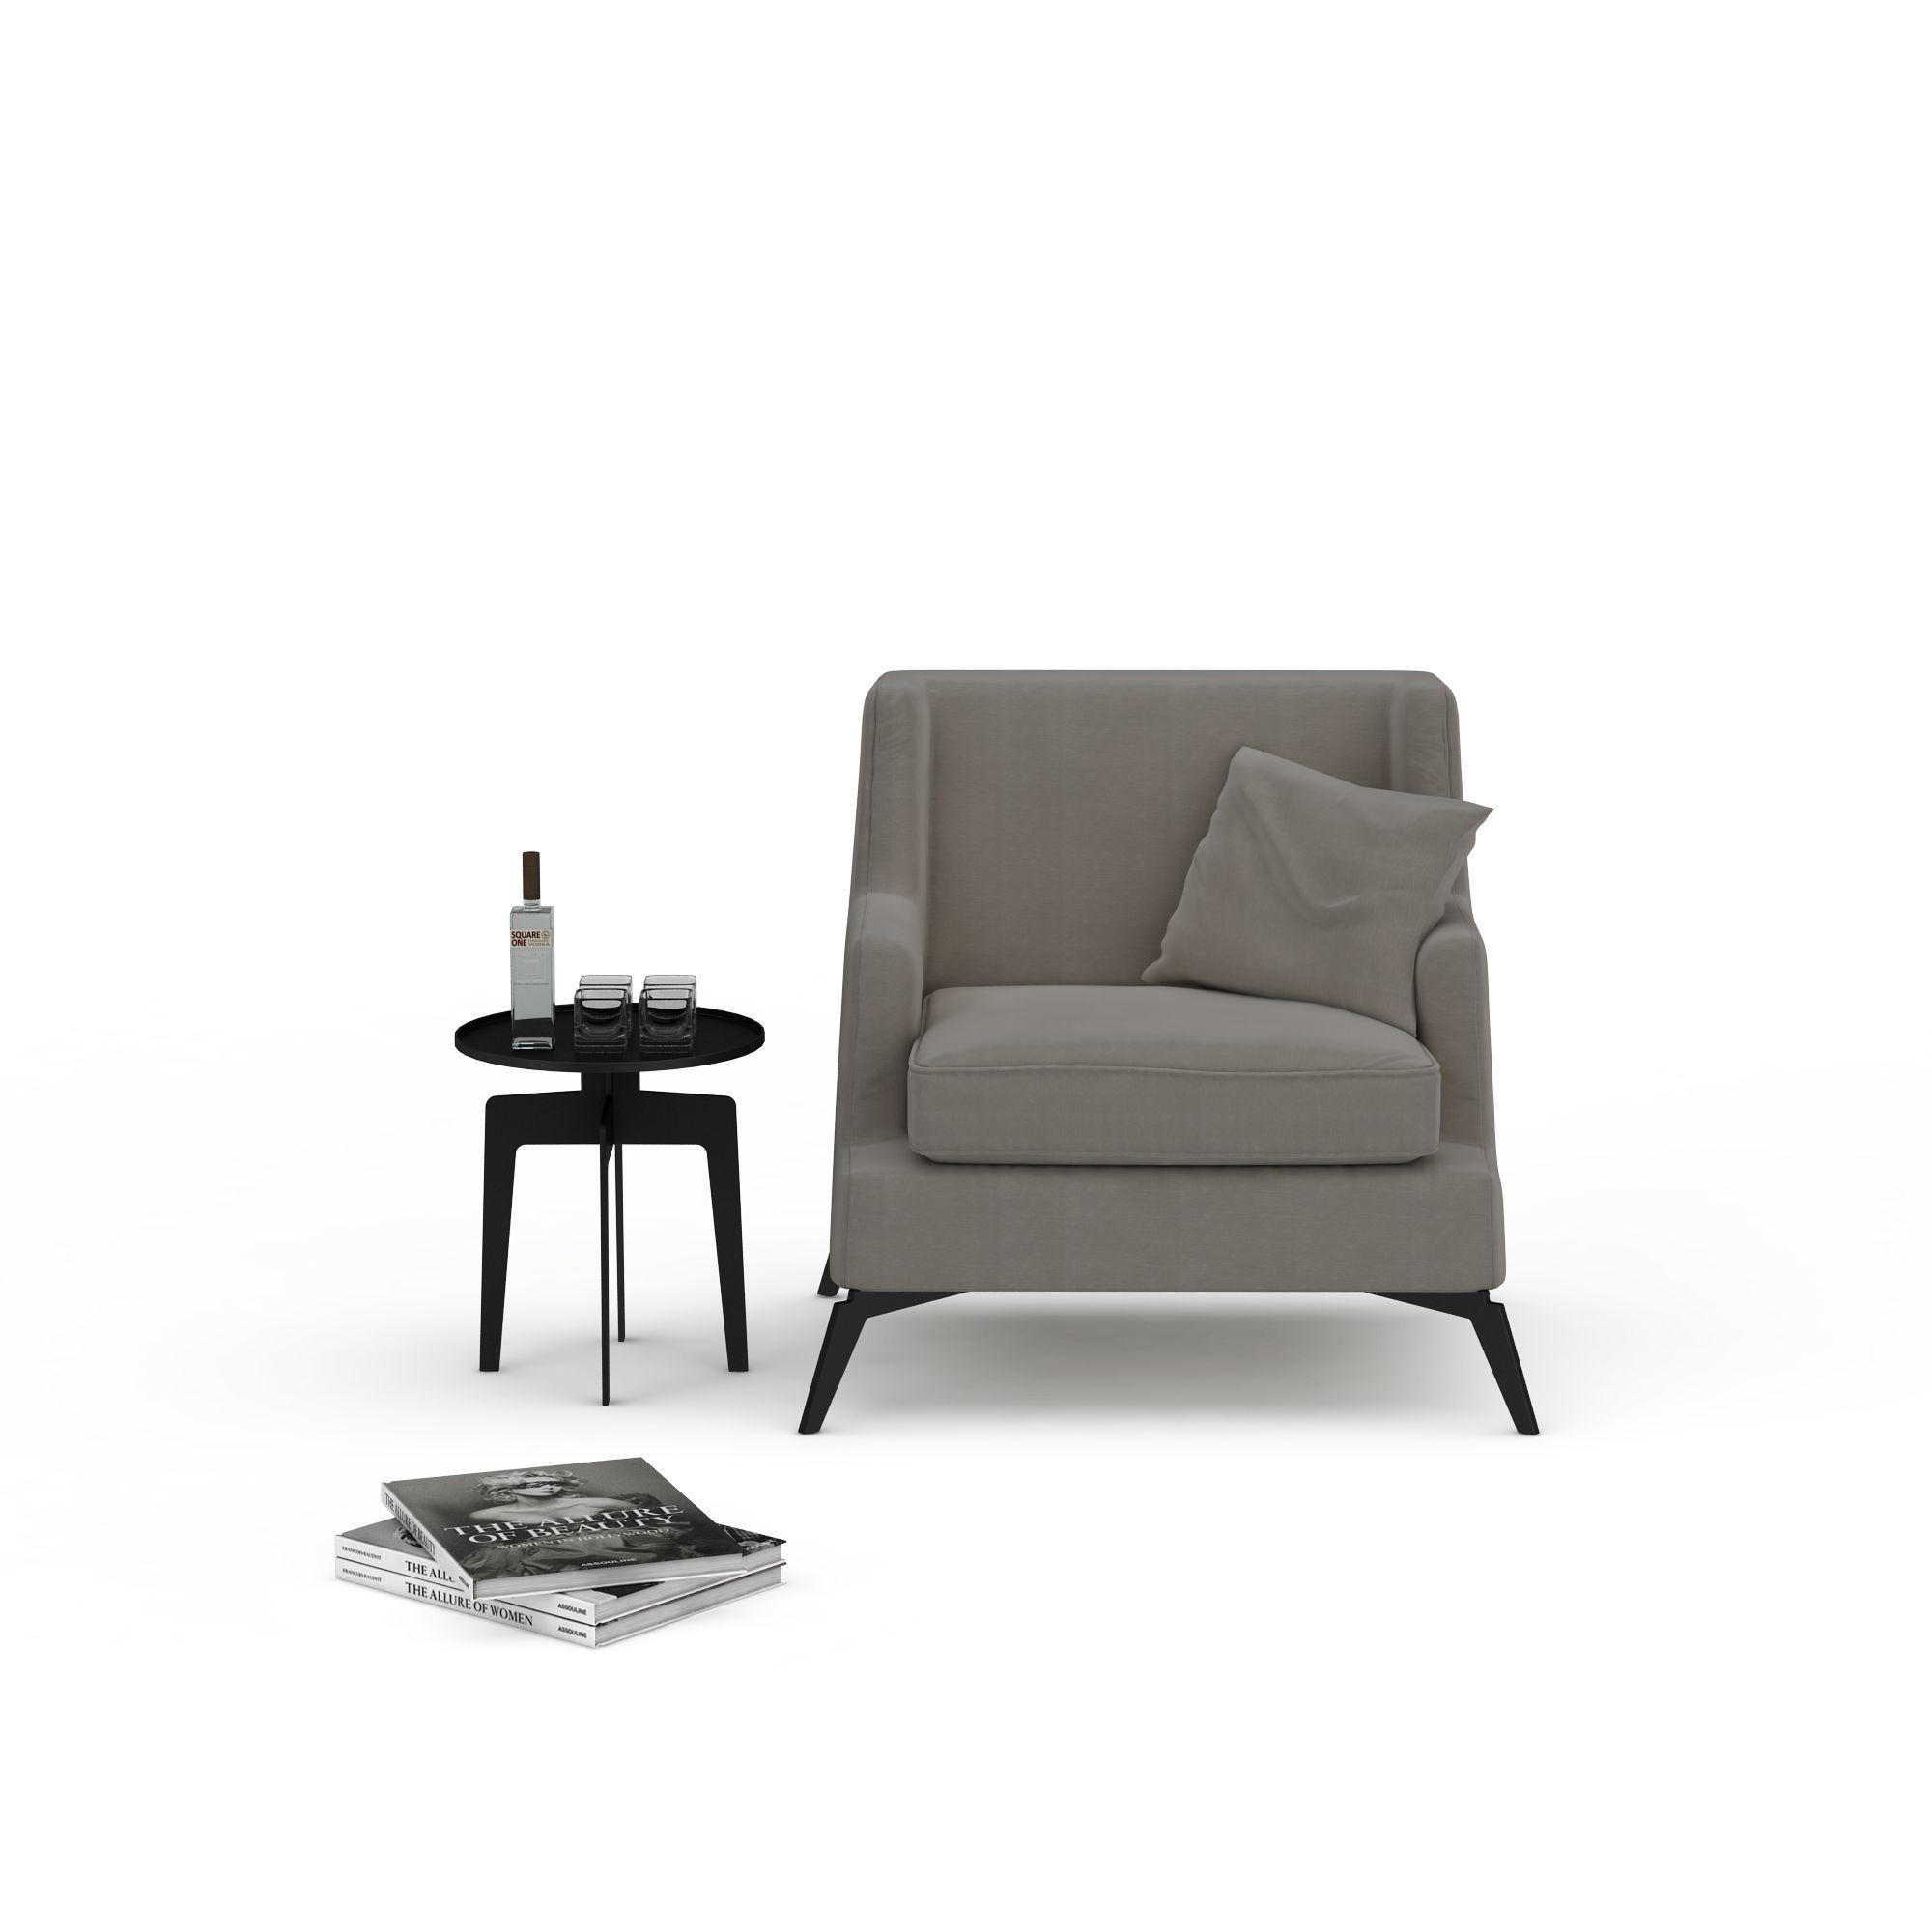 欧式单人沙发图片_欧式单人沙发png图片素材_欧式单人